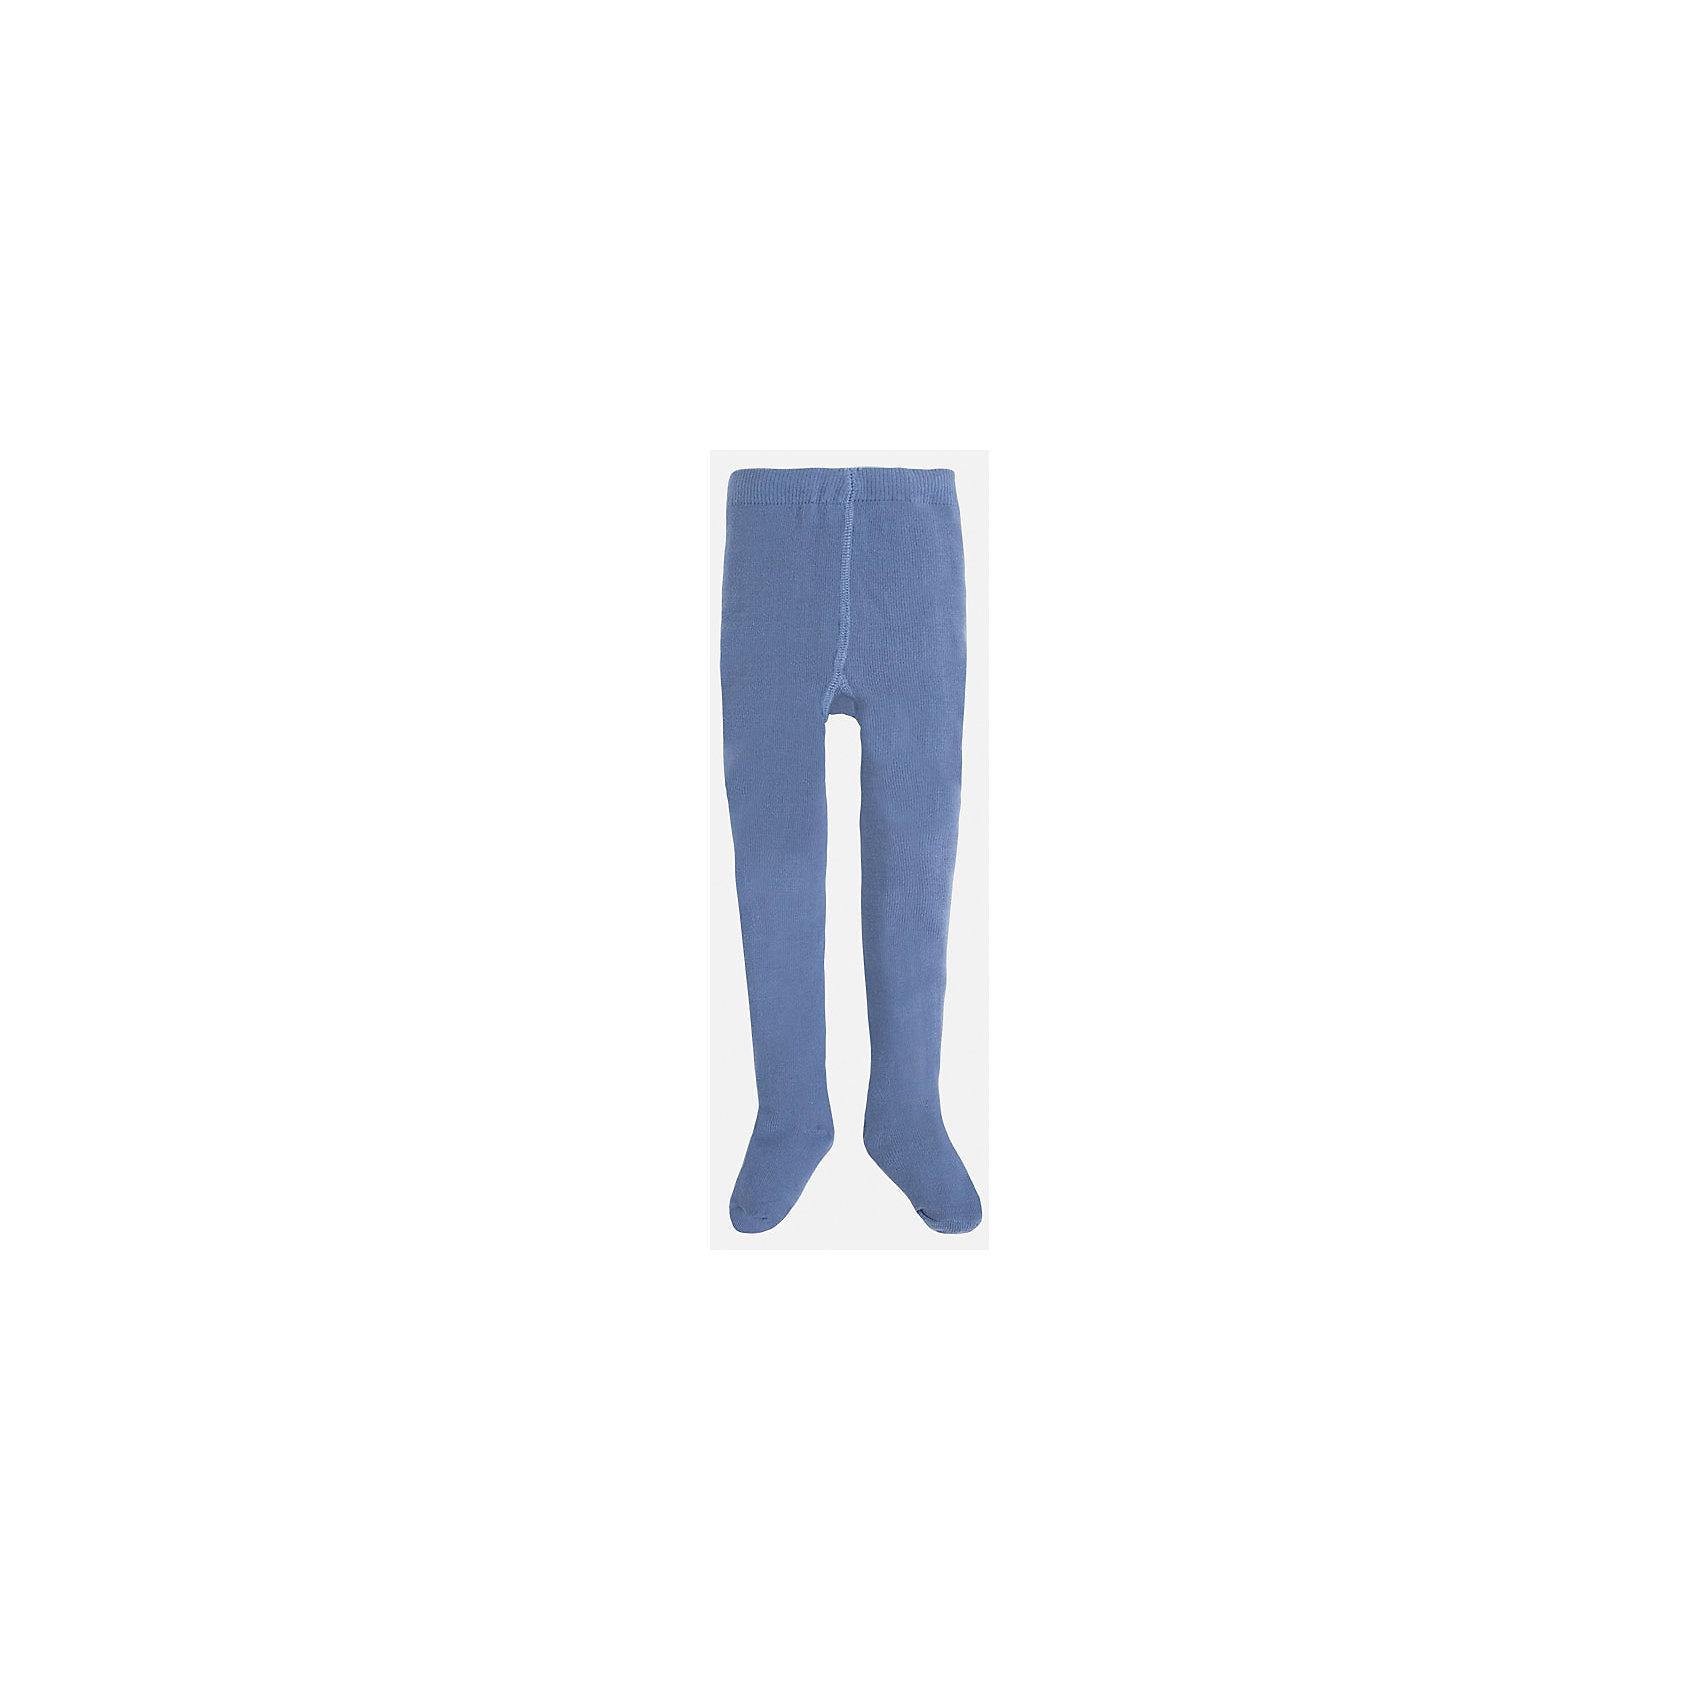 Колготки для девочки MayoralКолготки для девочки Mayoral (Майорал) от известного испанского бренда Mayoral. Классические колготки голубого цвета из эластичного трикотажа. Все швы выполнены максимально плоскими и прочными. У колготок эластичный пояс и широкая резинка, которая регулируется. Колготки просты в уходе, разрешается стирка и глажка.  <br><br>Дополнительная информация:<br><br>- Предназначение: повседневная одежда<br>- Цвет: голубой меланж<br>- Пол: для девочки<br>- Состав: 77% хлопок, 20% полиамид, 3% эластан<br>- Сезон: круглый год<br>- Особенности ухода: стирка при температуре 30 градусов, глажение<br><br>Подробнее:<br><br>• Для детей в возрасте: от 2 лет и до 9 лет<br>• Страна производитель: Китай<br>• Торговый бренд: Mayoral<br><br>Колготки для девочки Mayoral (Майорал) можно купить в нашем интернет-магазине.<br><br>Ширина мм: 123<br>Глубина мм: 10<br>Высота мм: 149<br>Вес г: 209<br>Цвет: синий<br>Возраст от месяцев: 96<br>Возраст до месяцев: 108<br>Пол: Женский<br>Возраст: Детский<br>Размер: 128,92,104,116<br>SKU: 4847698